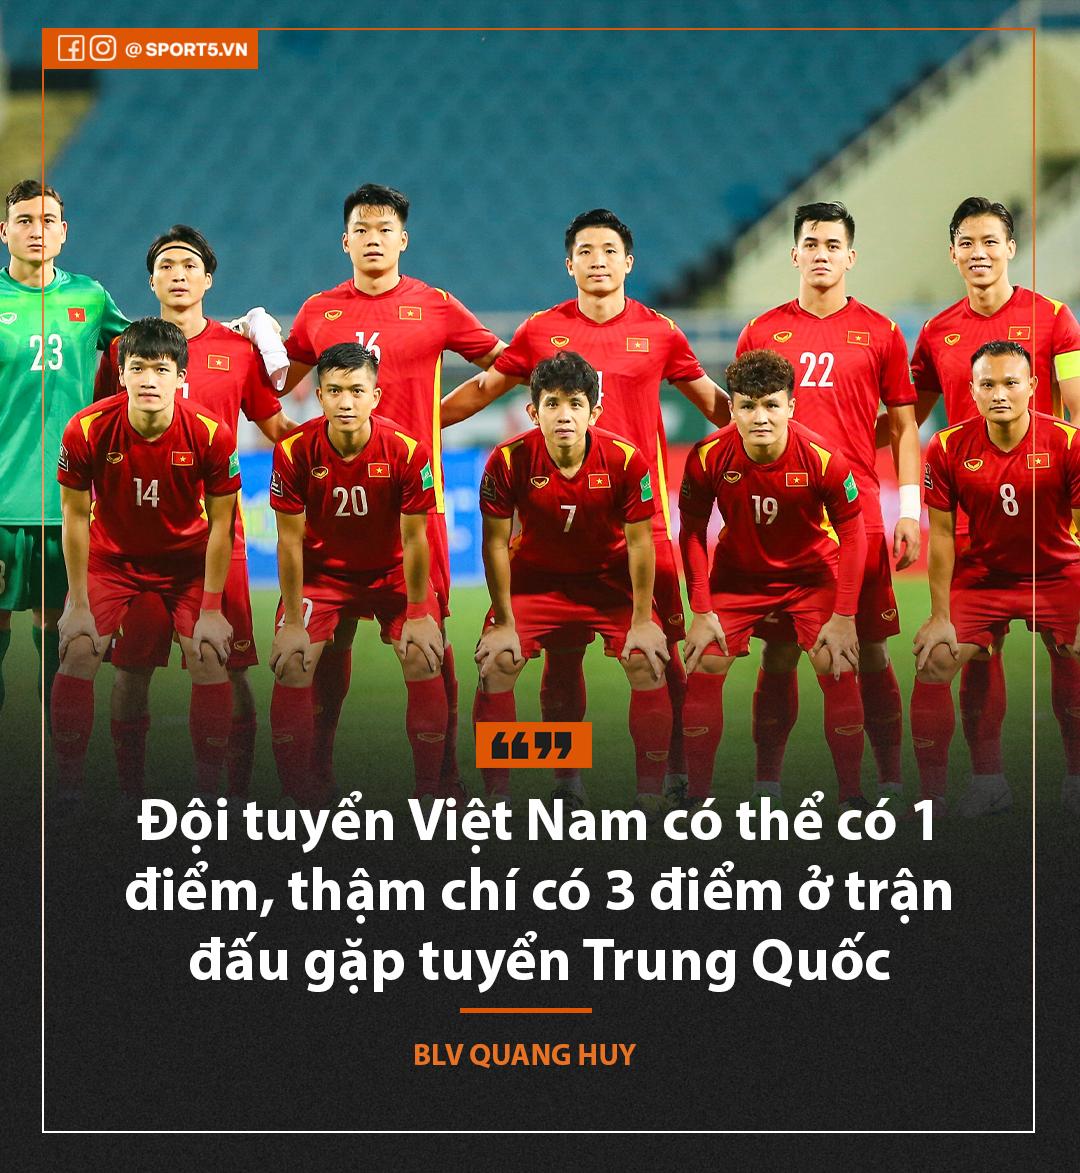 """BLV Quang Huy: """"Tuyển Việt Nam sẽ có ít nhất 1 điểm, thậm chí là 3 điểm"""" - Ảnh 3."""